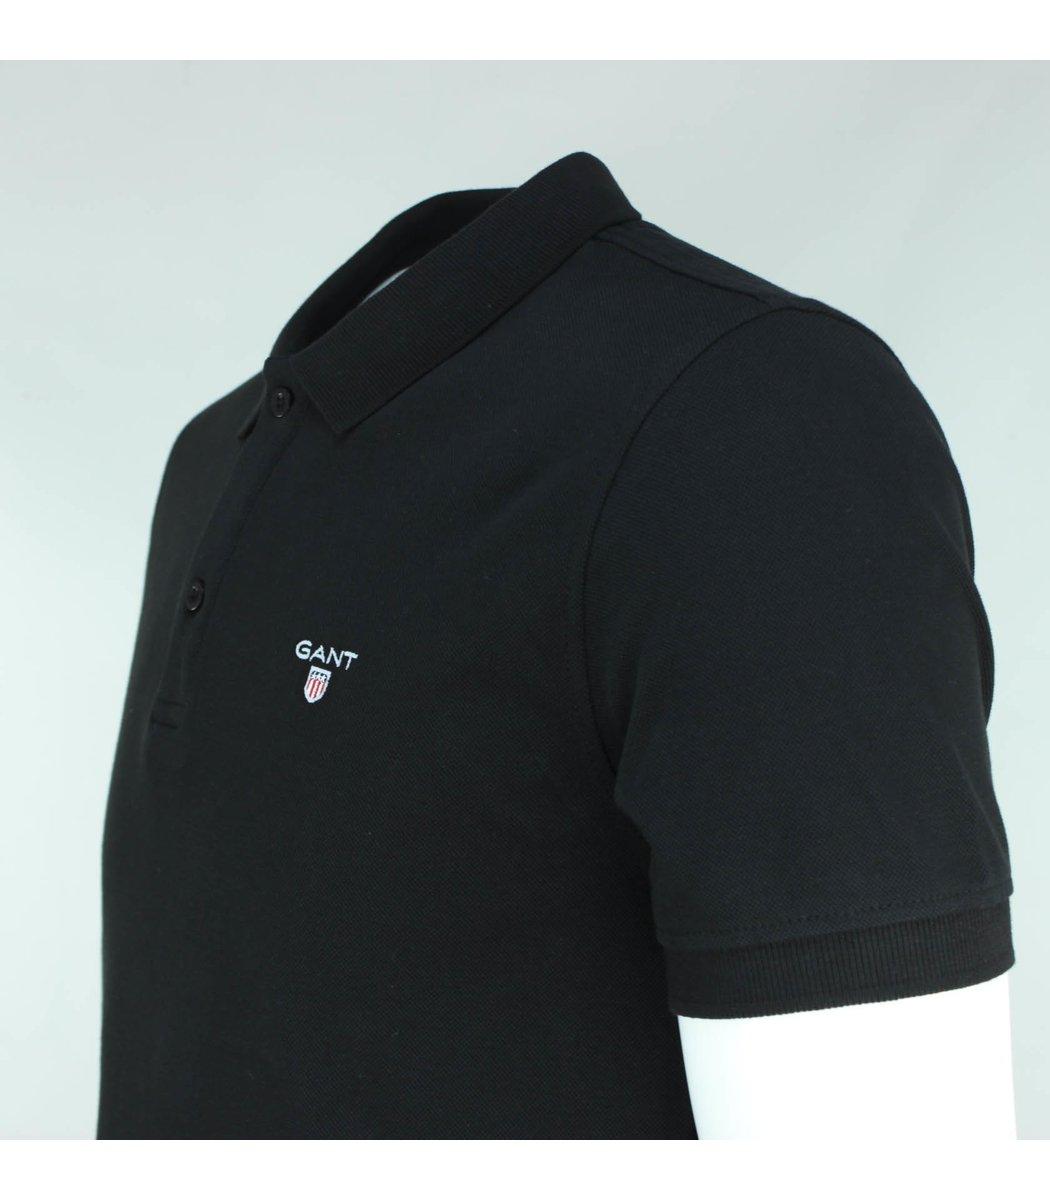 Чёрная классическая футболка поло Gant G2